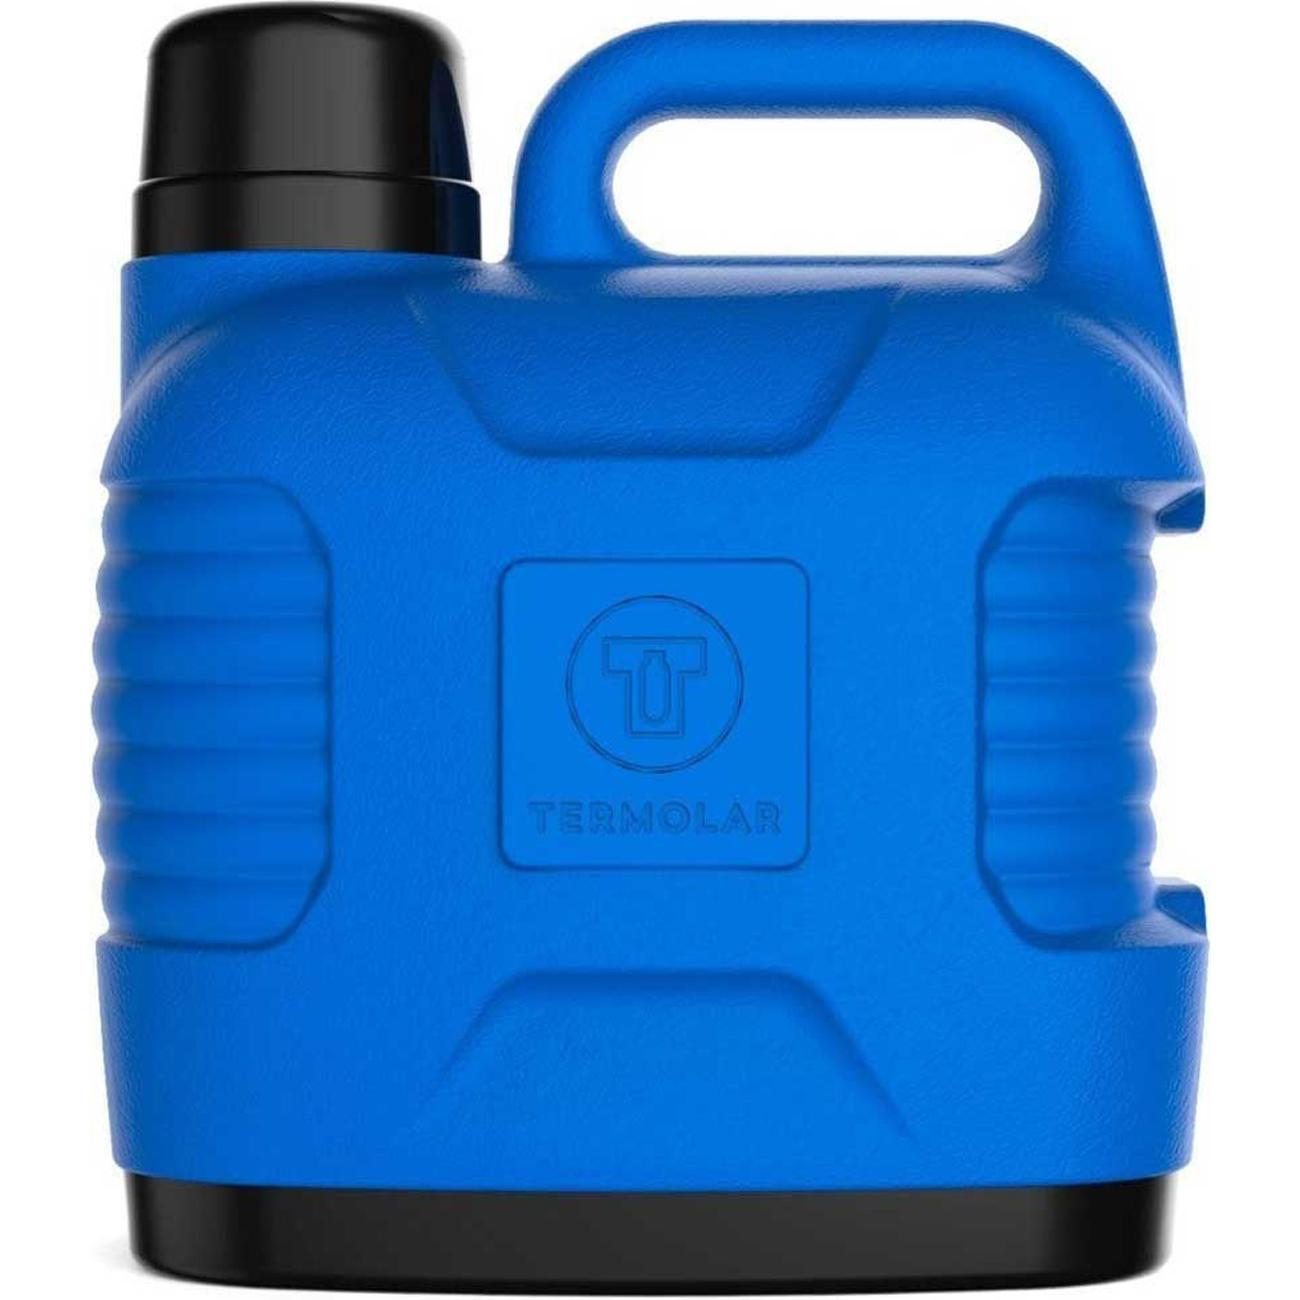 Garrafao Termica Termolar 5L Azul